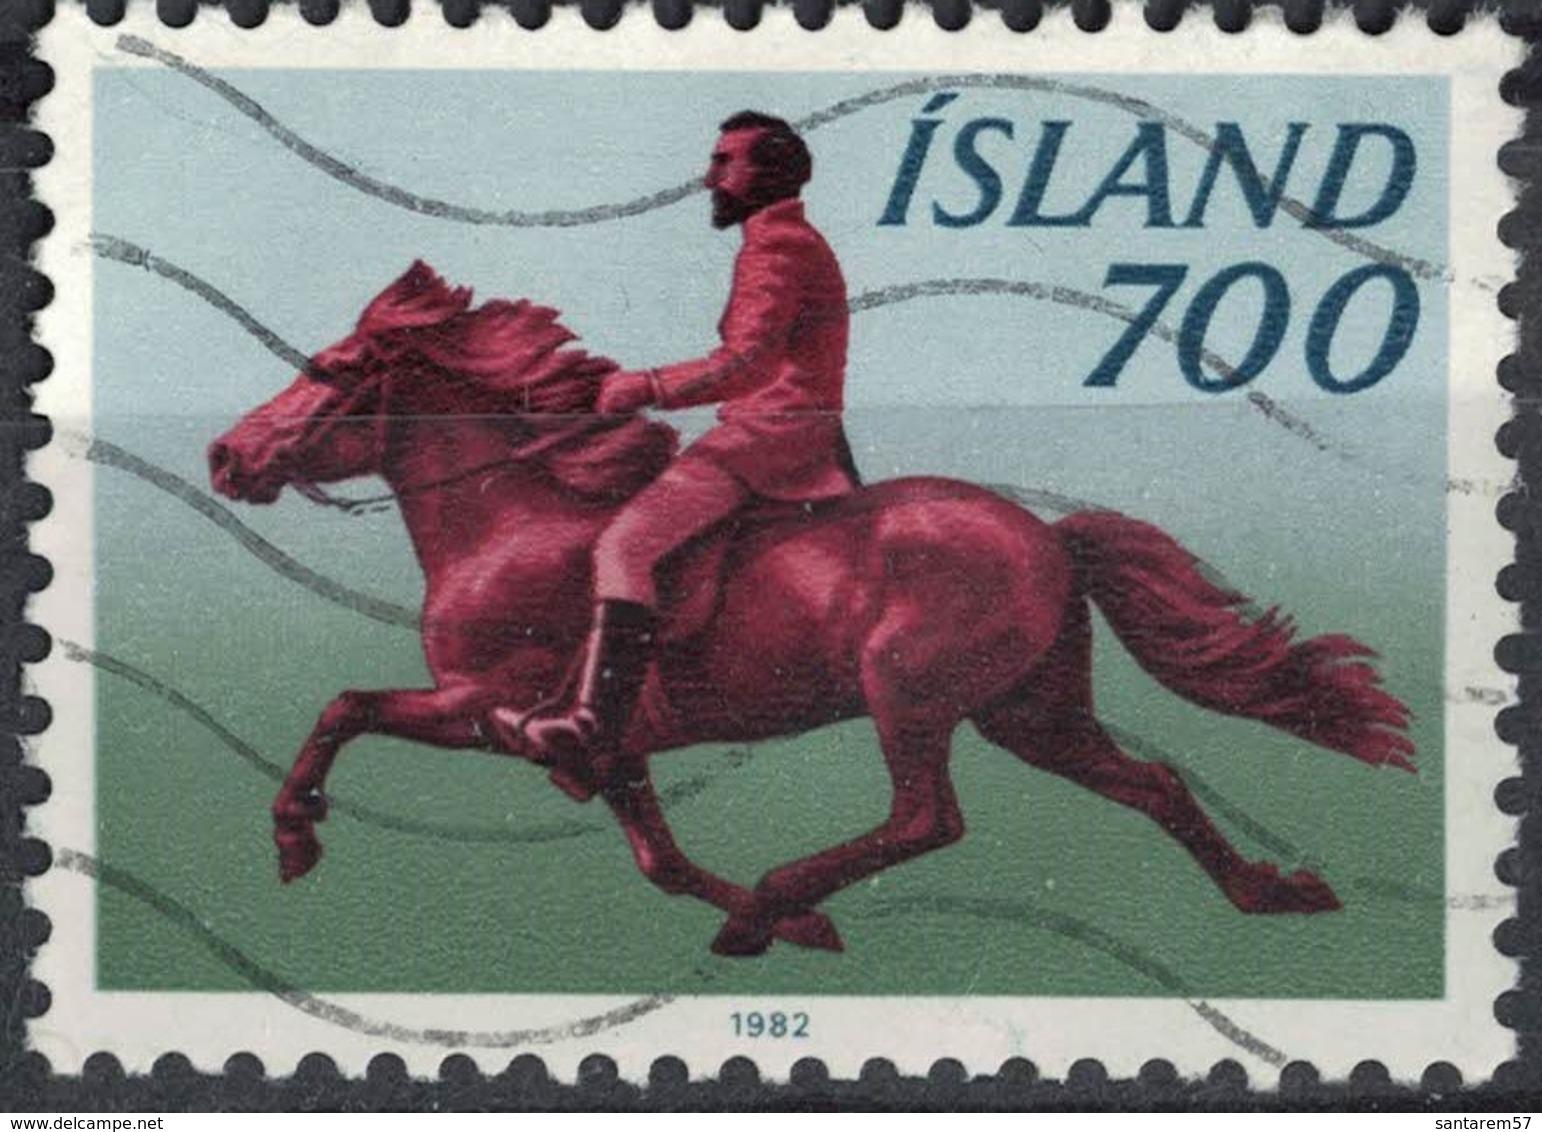 Islande 1982 Oblitéré Used Riding Cheval Au Galop Chevalier Équitation - 1944-... Republik